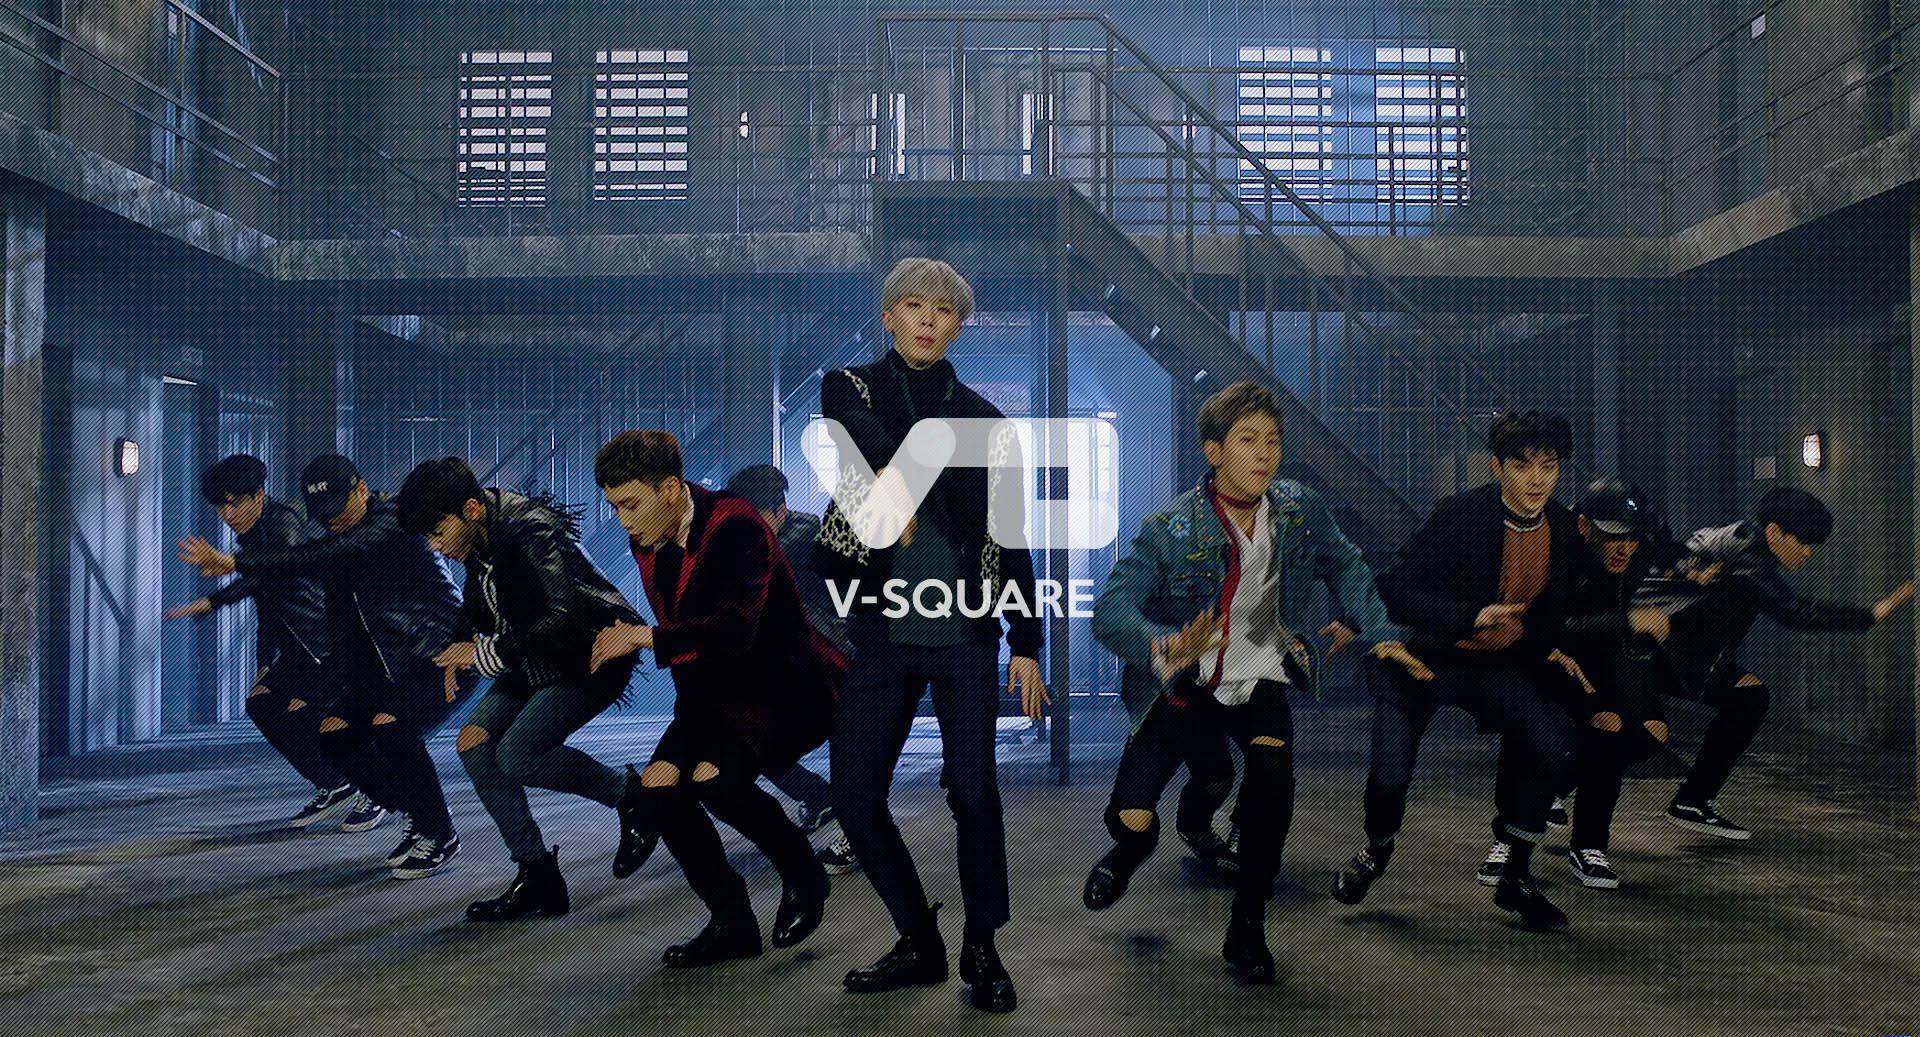 V-Square- Kpop online audition